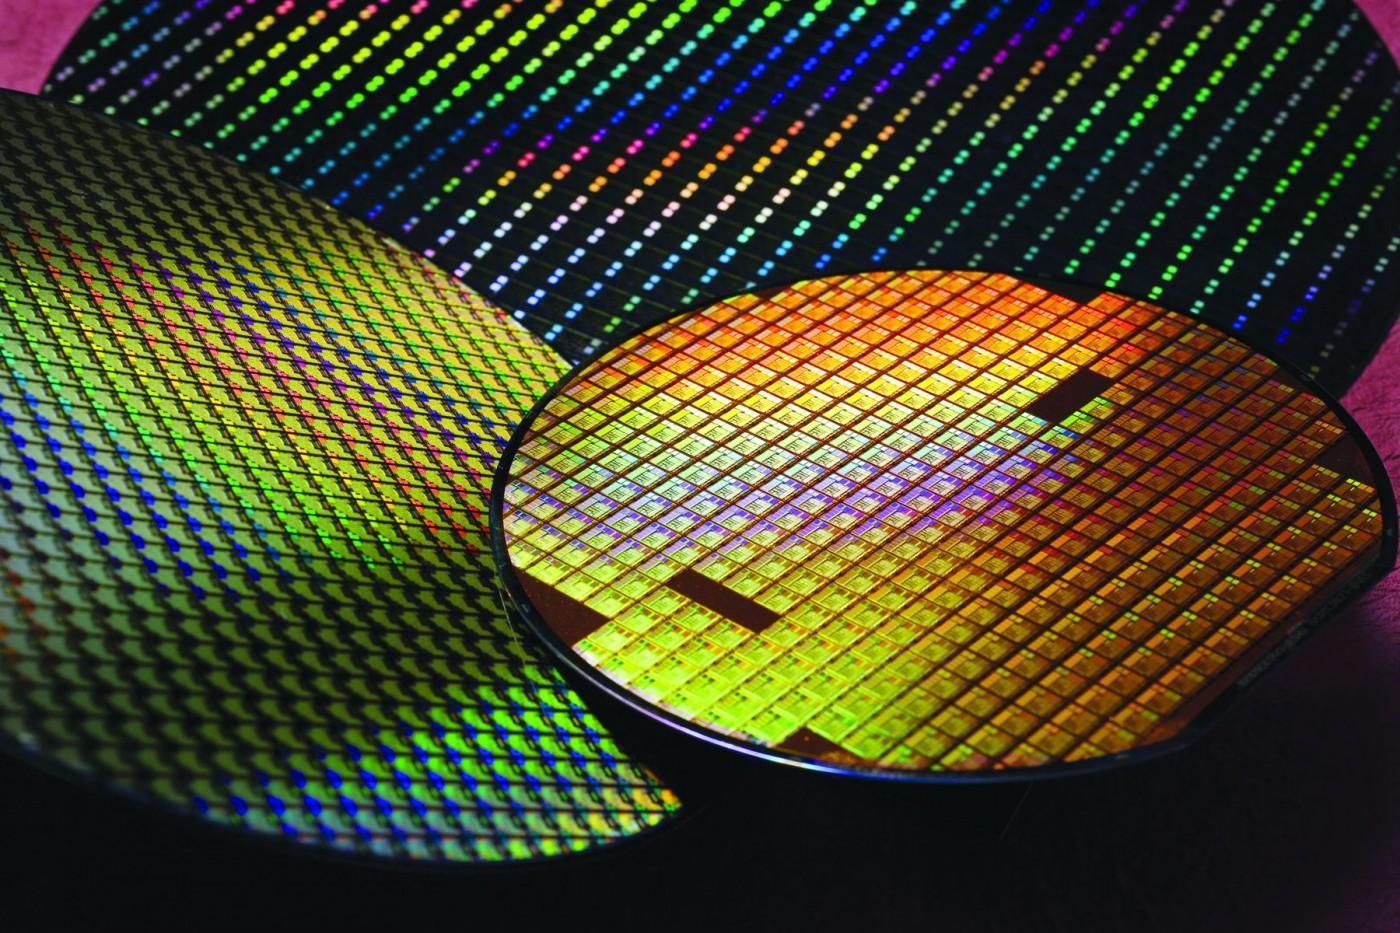 記憶體需求飆升,全球晶圓廠投資連續四年成長